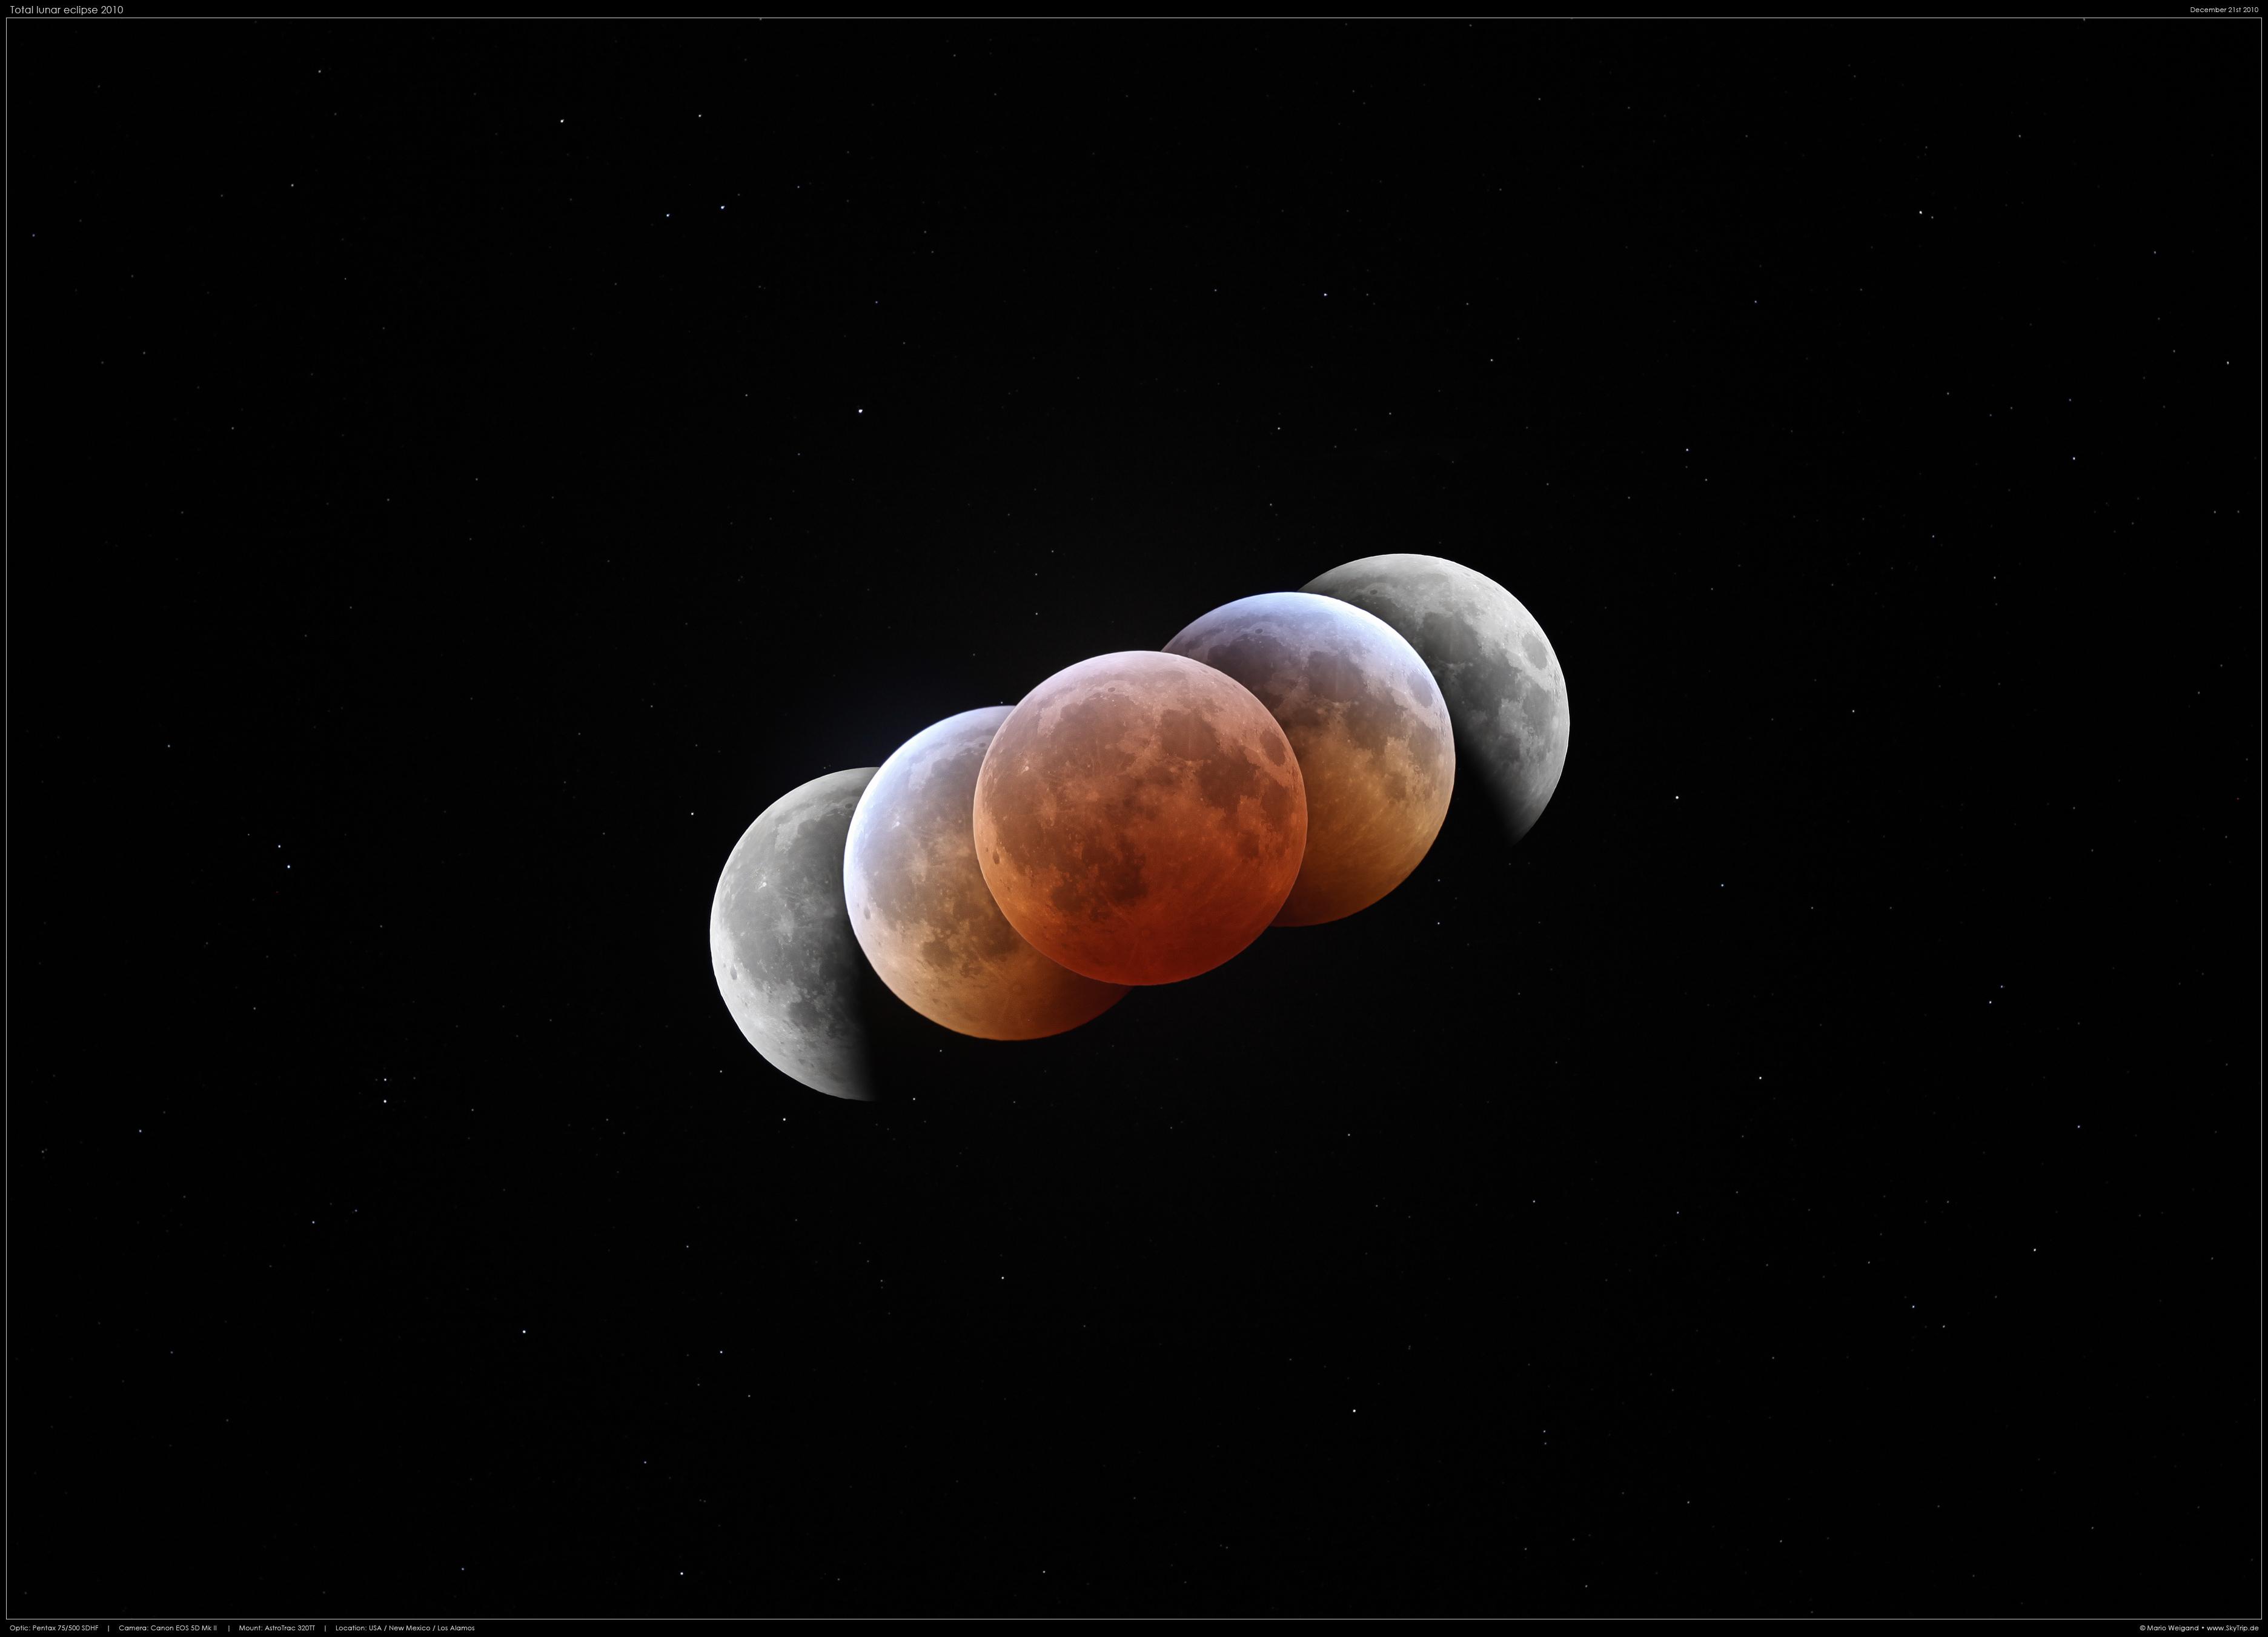 Lunar Eclipse (2010 December) Images - Page 2 - Starship Asterisk*